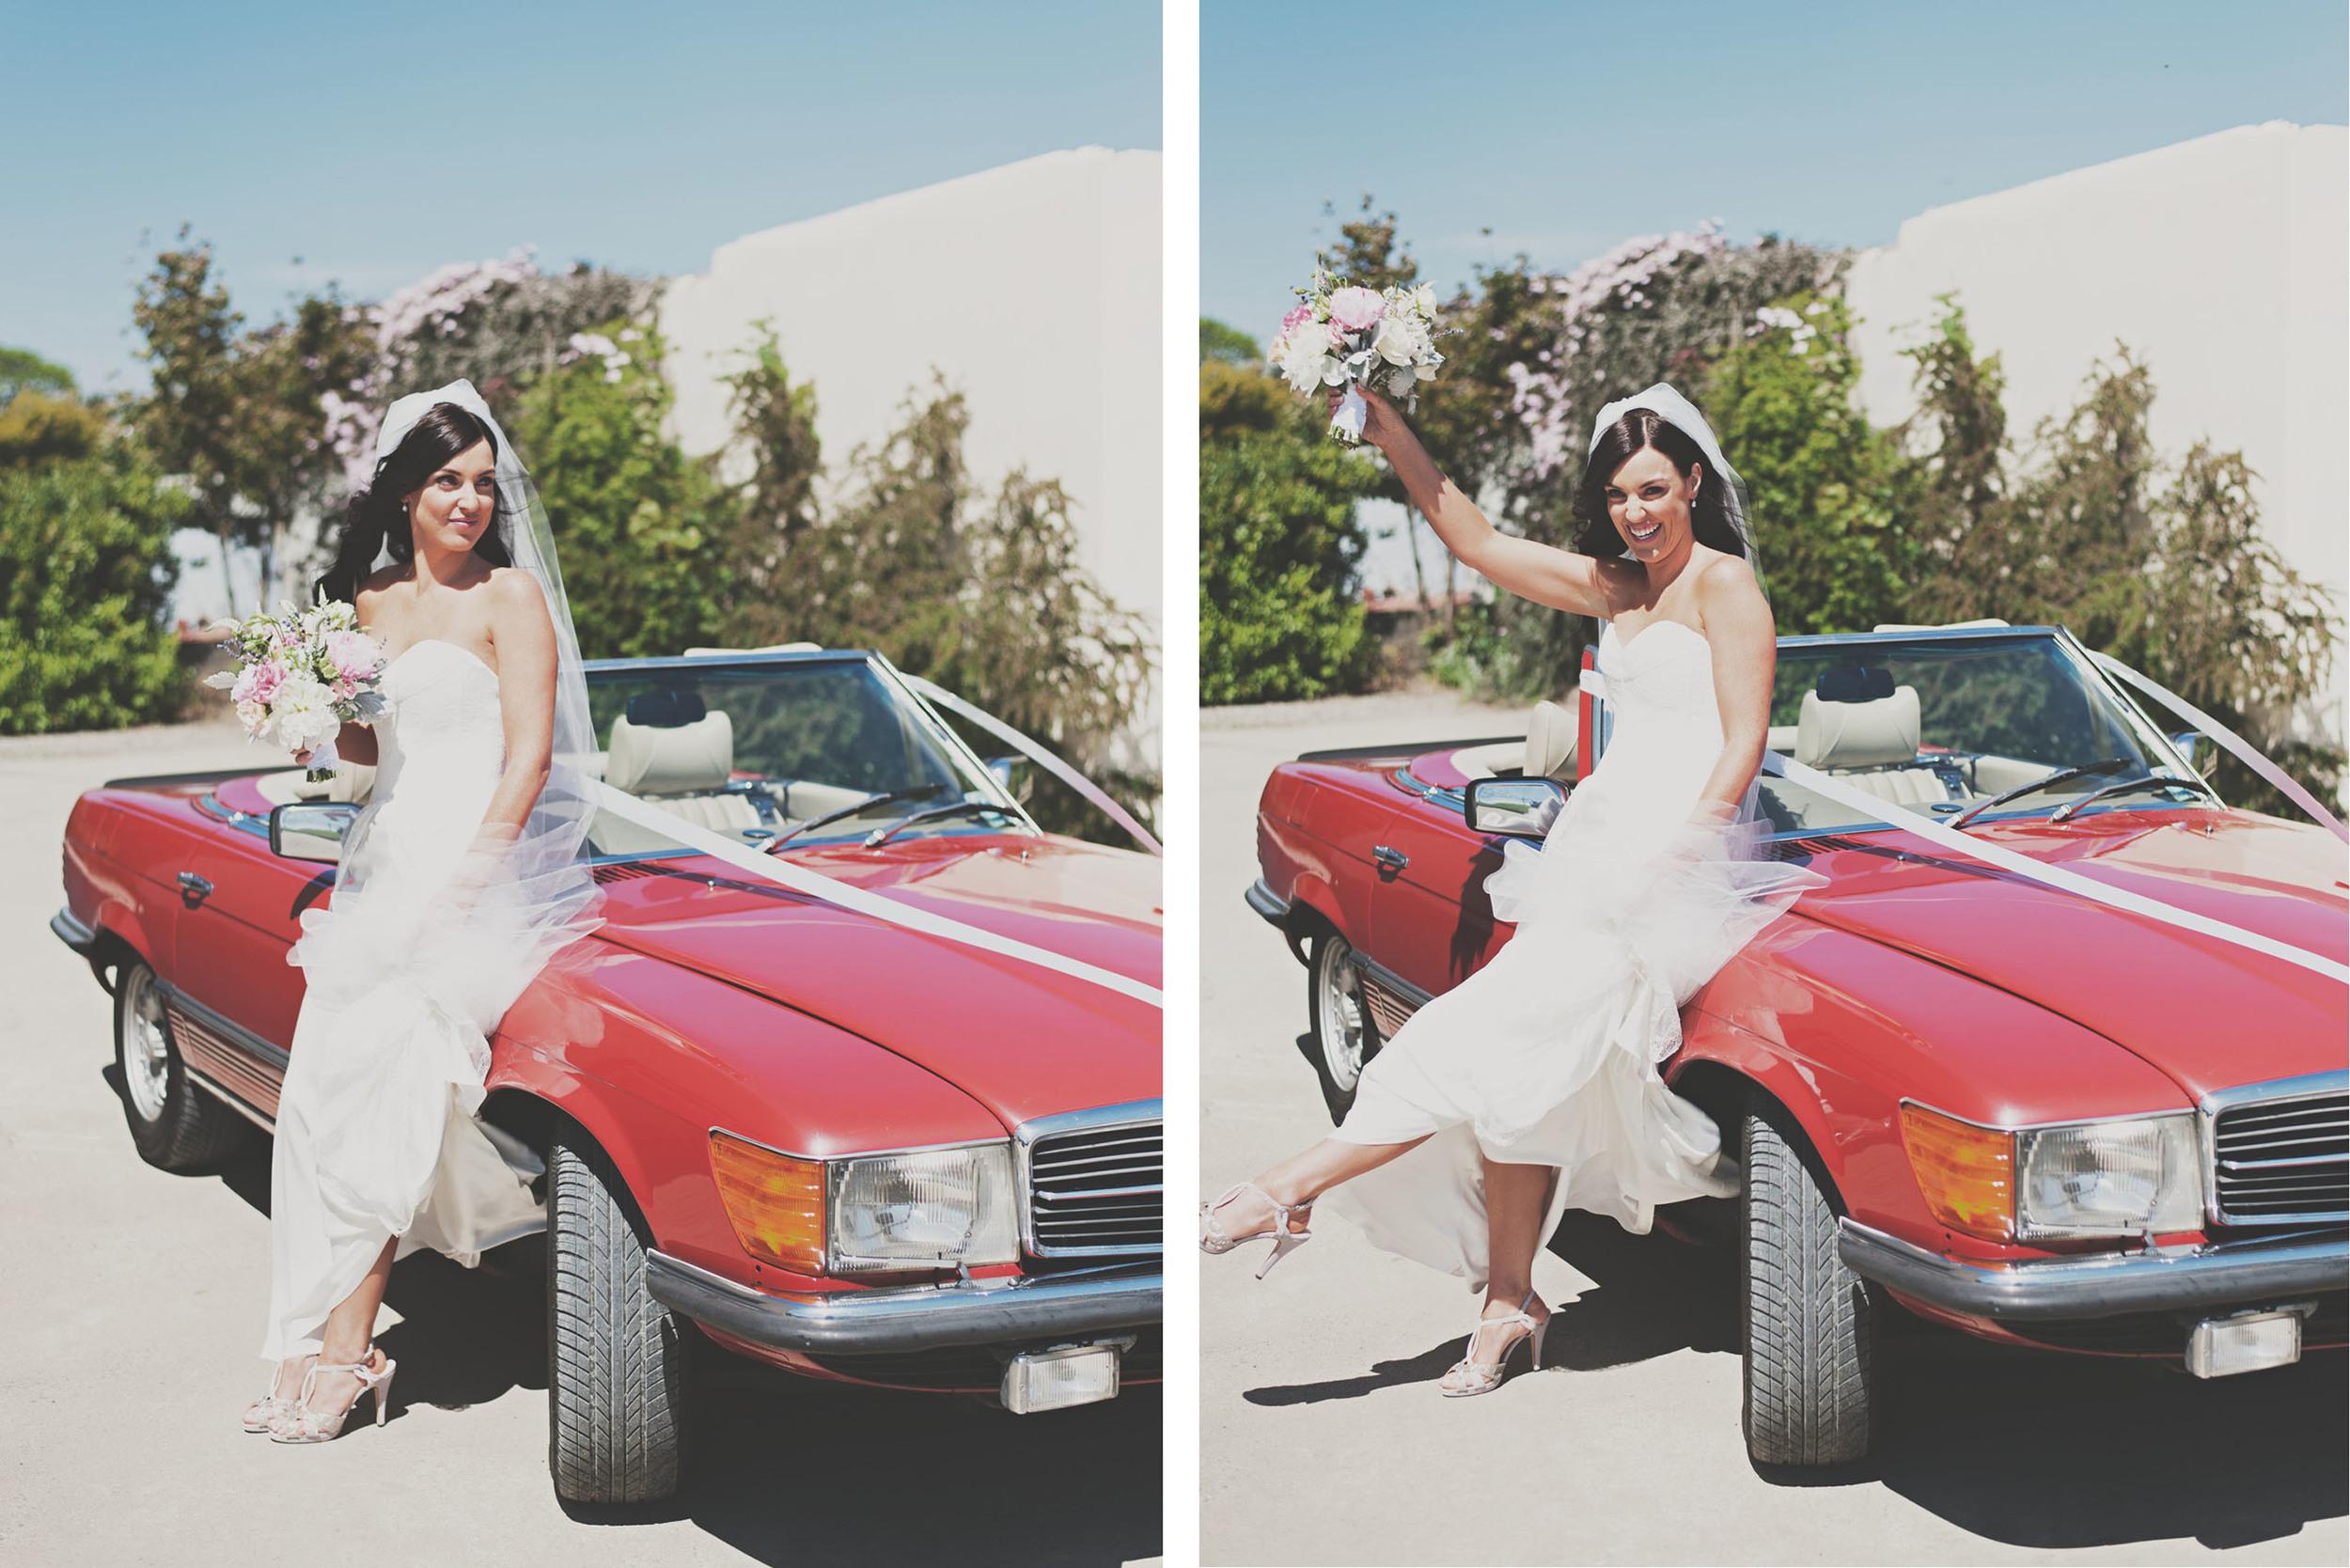 Julie & Matt's Seafield Wedding by Studio33weddings 020.jpg